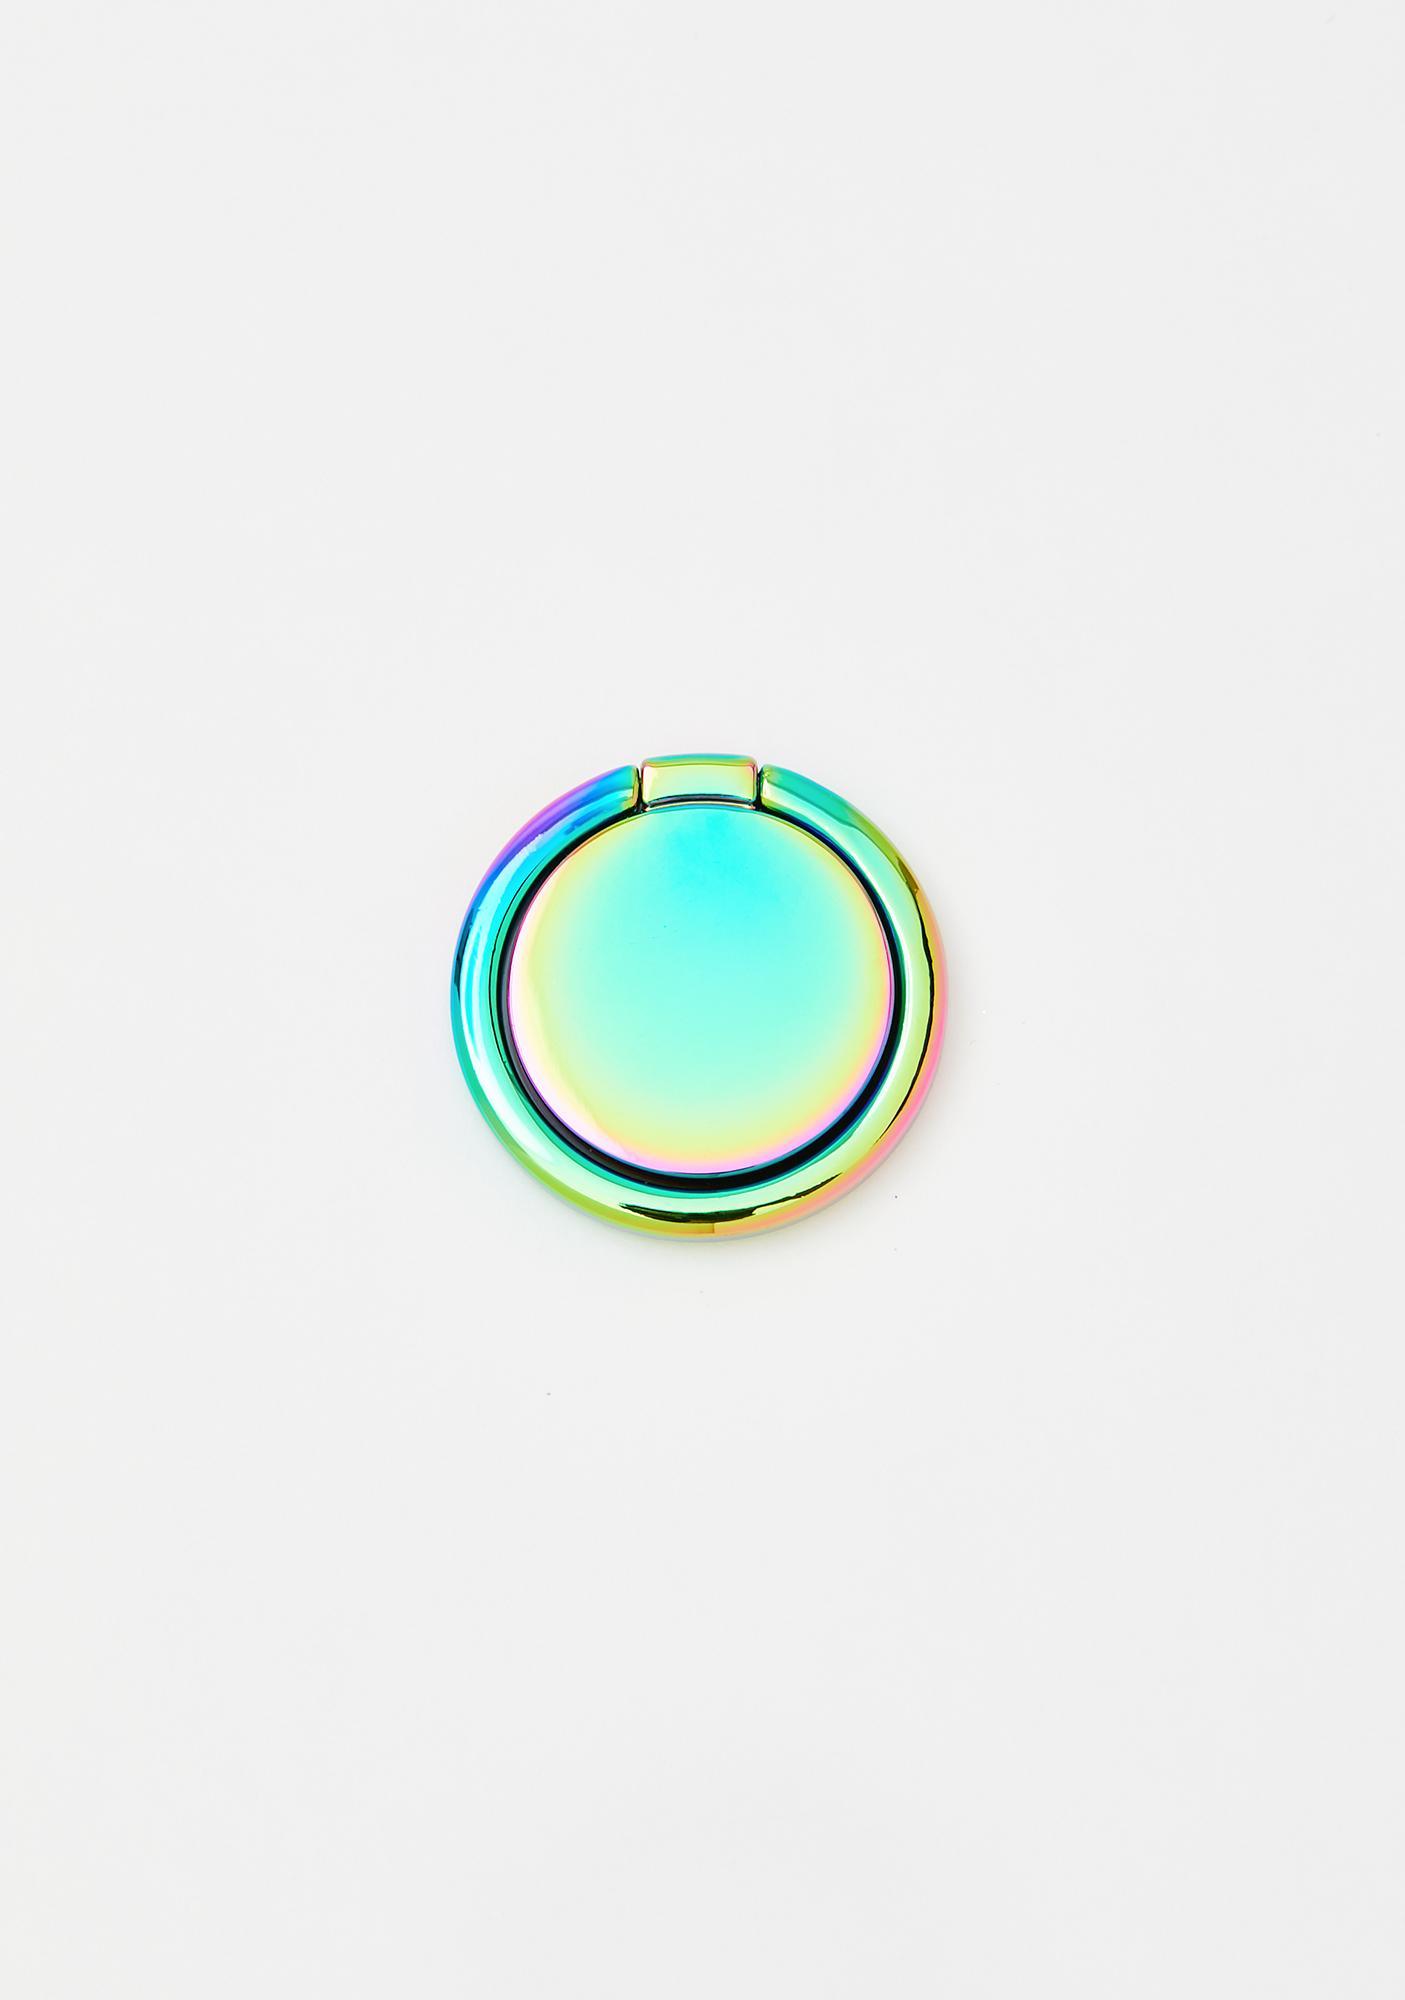 Bliss Magic Iridescent Phone Ring